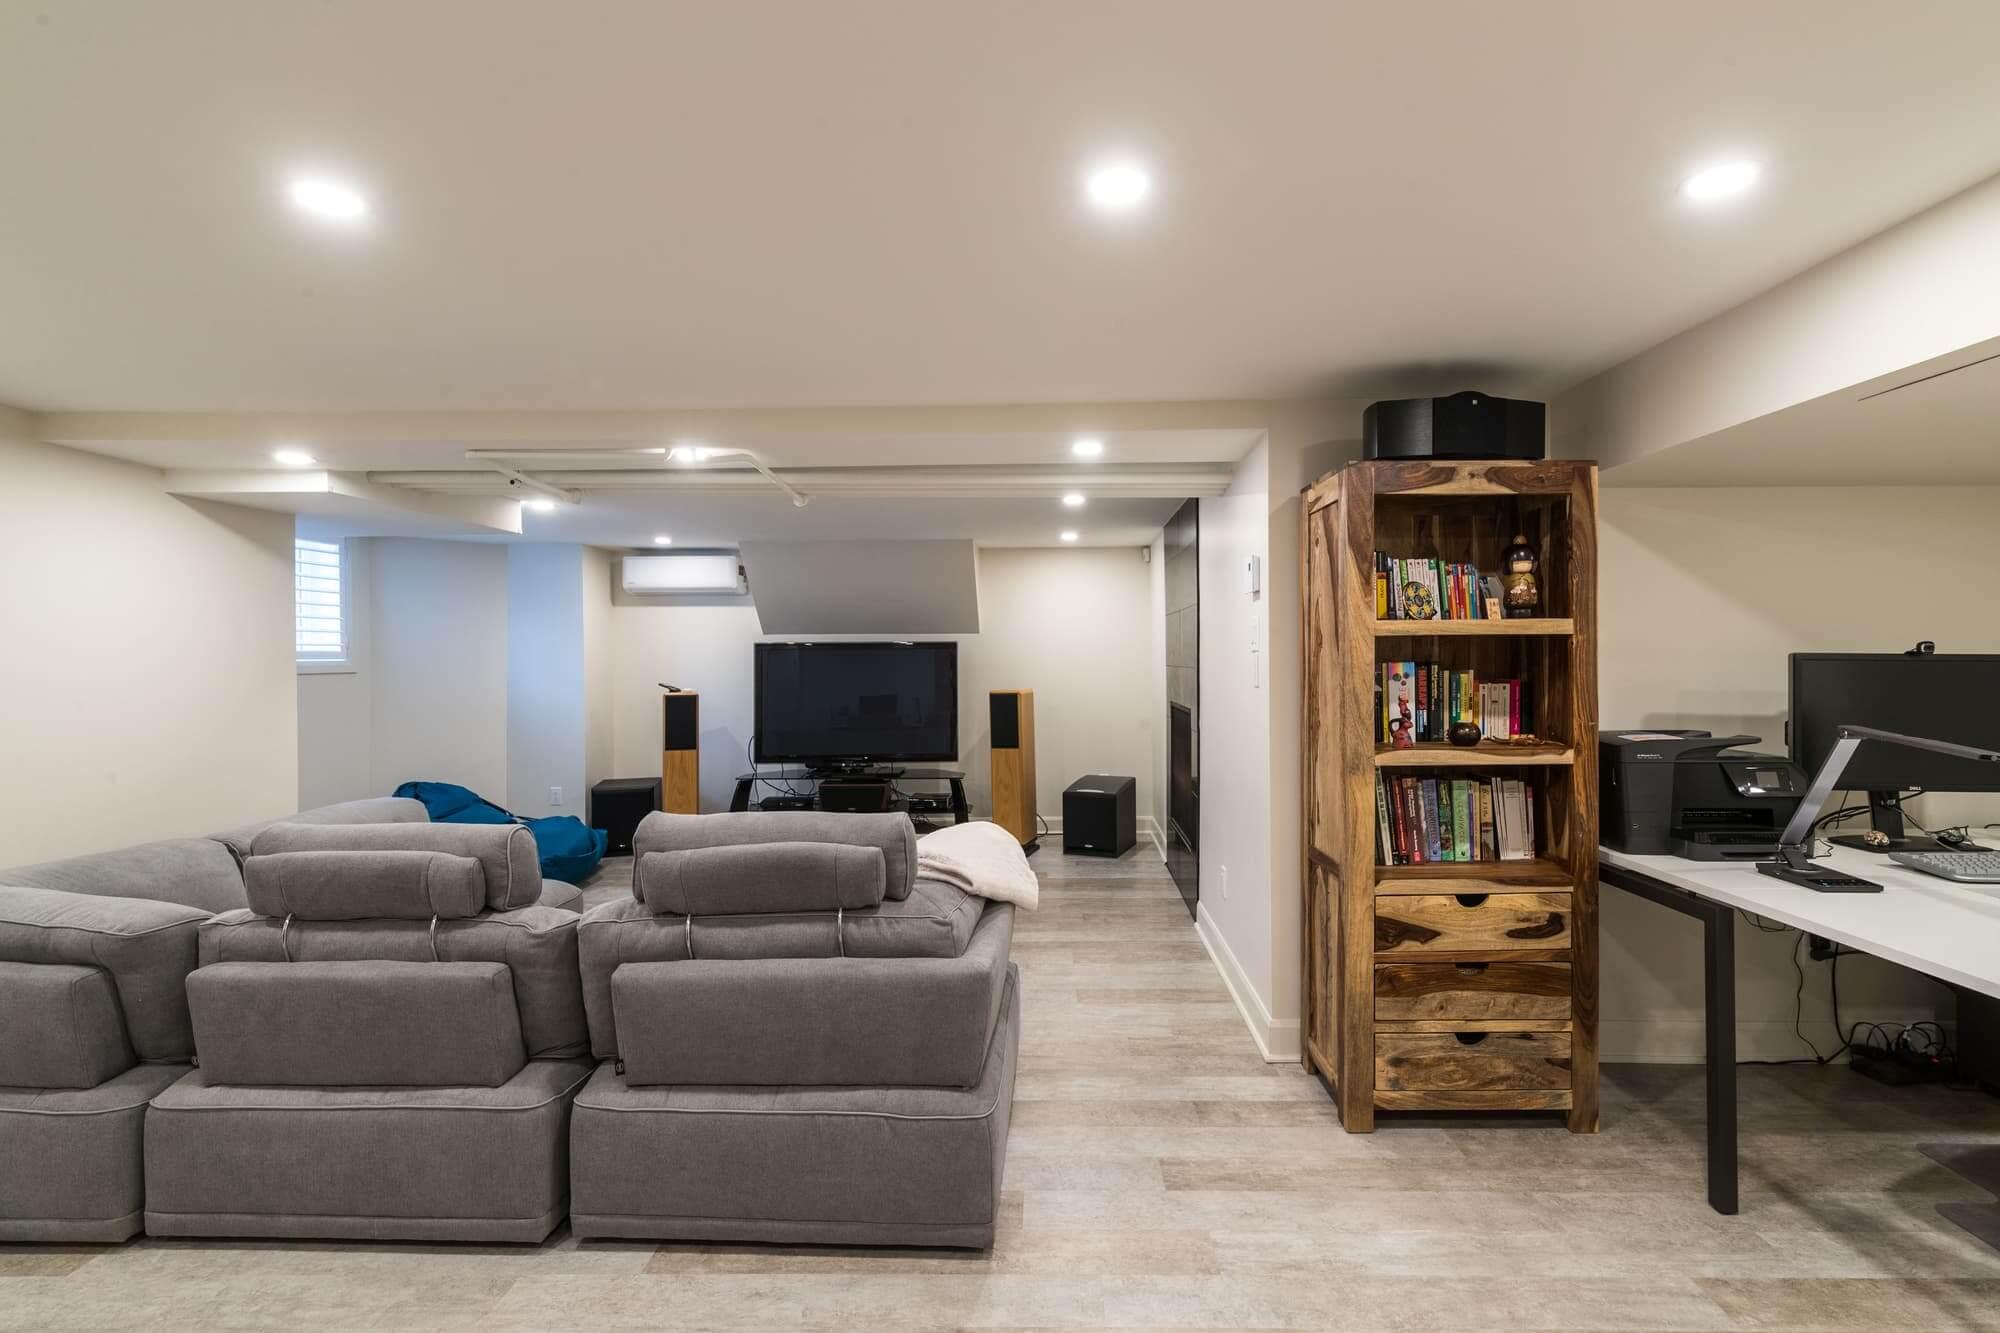 Salle familiale d'un sous-sol rénovée avec divan gris, télé, coin bureau, murs beiges et étagère en bois